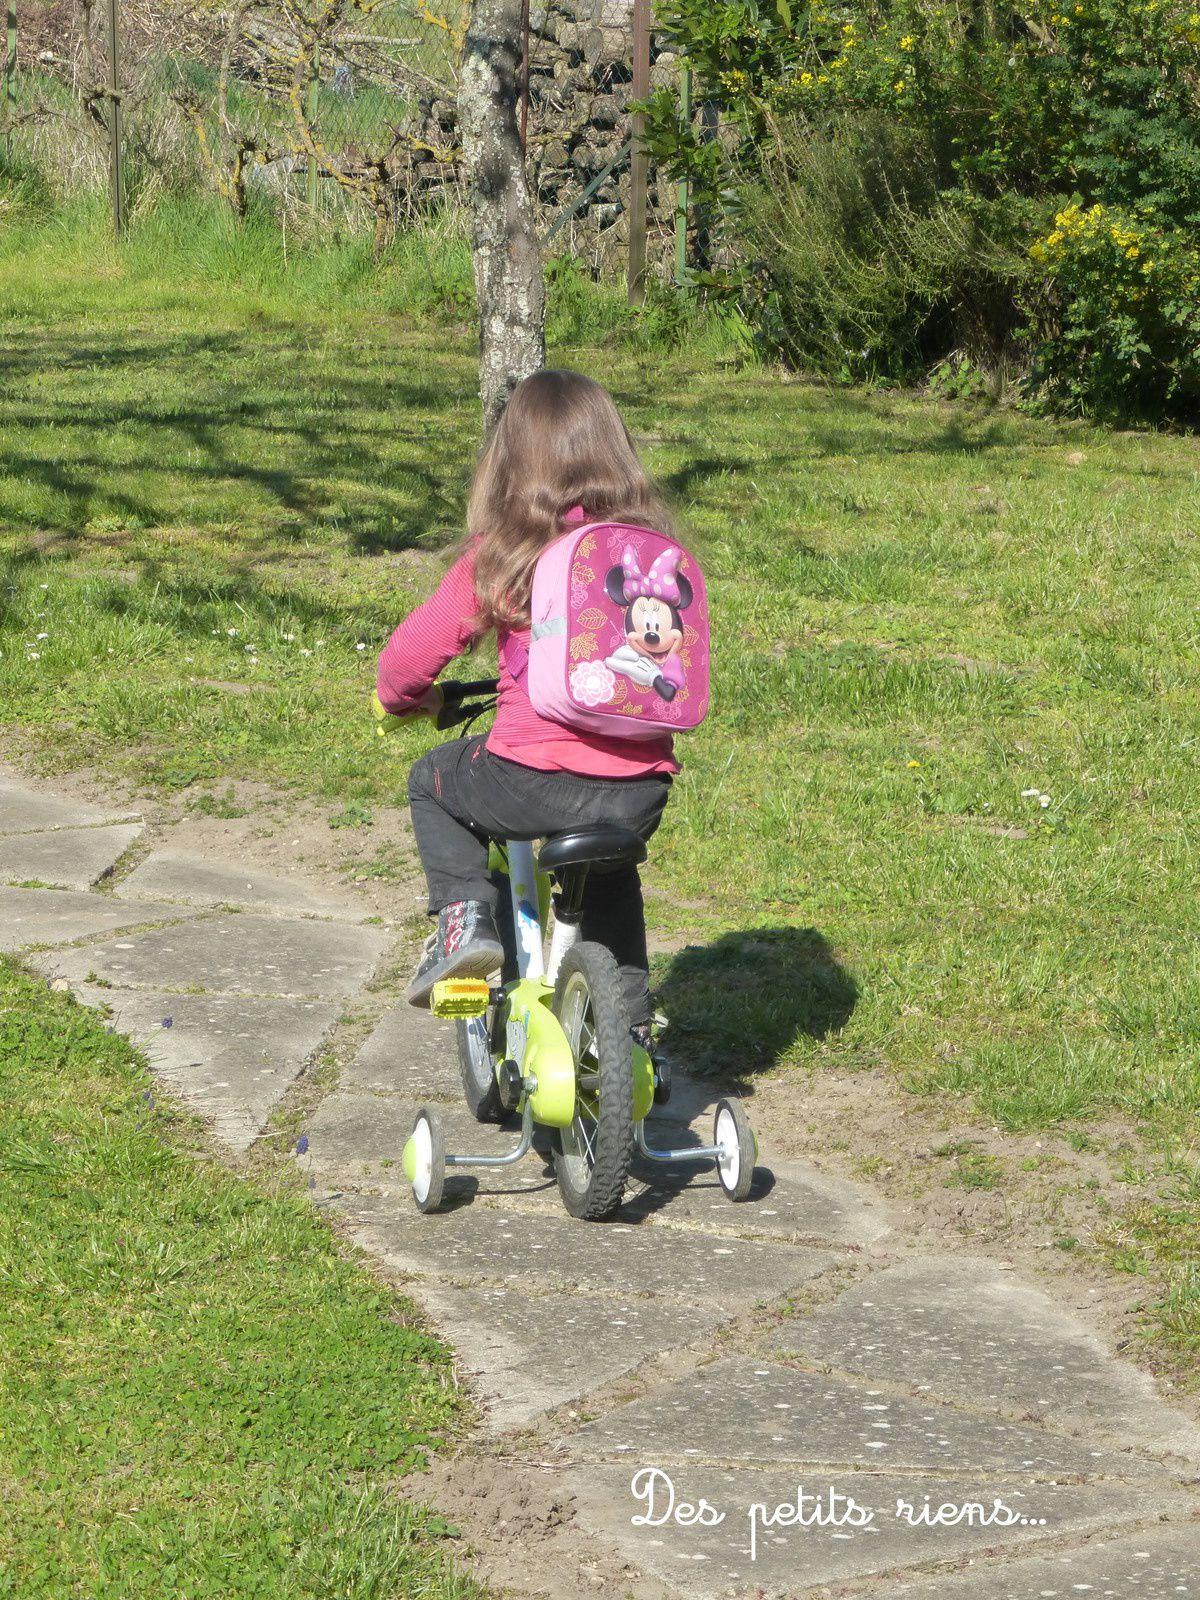 Faire un p'tit tour de vélo sans oublier le sac à dos...